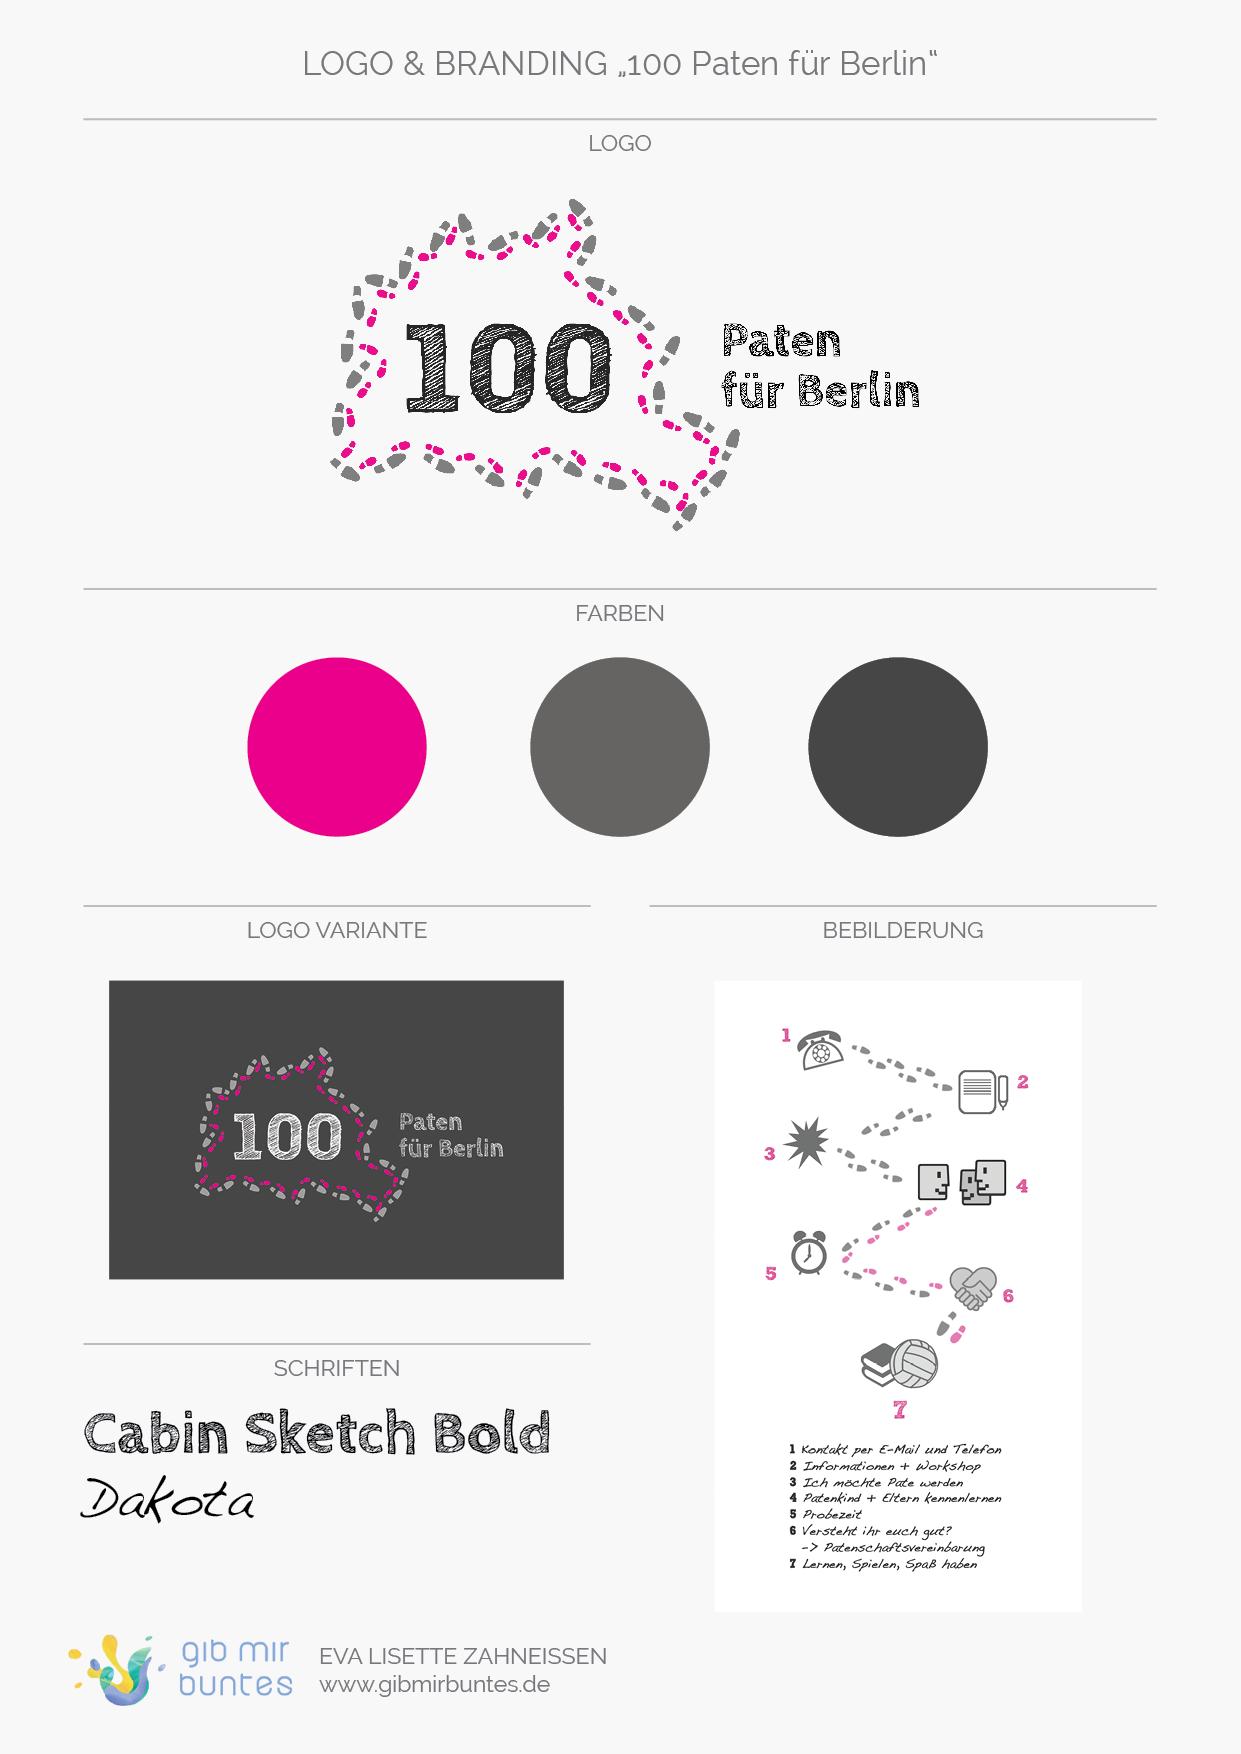 Logo, Logo-Variante, Farben, Schriften und Infografik